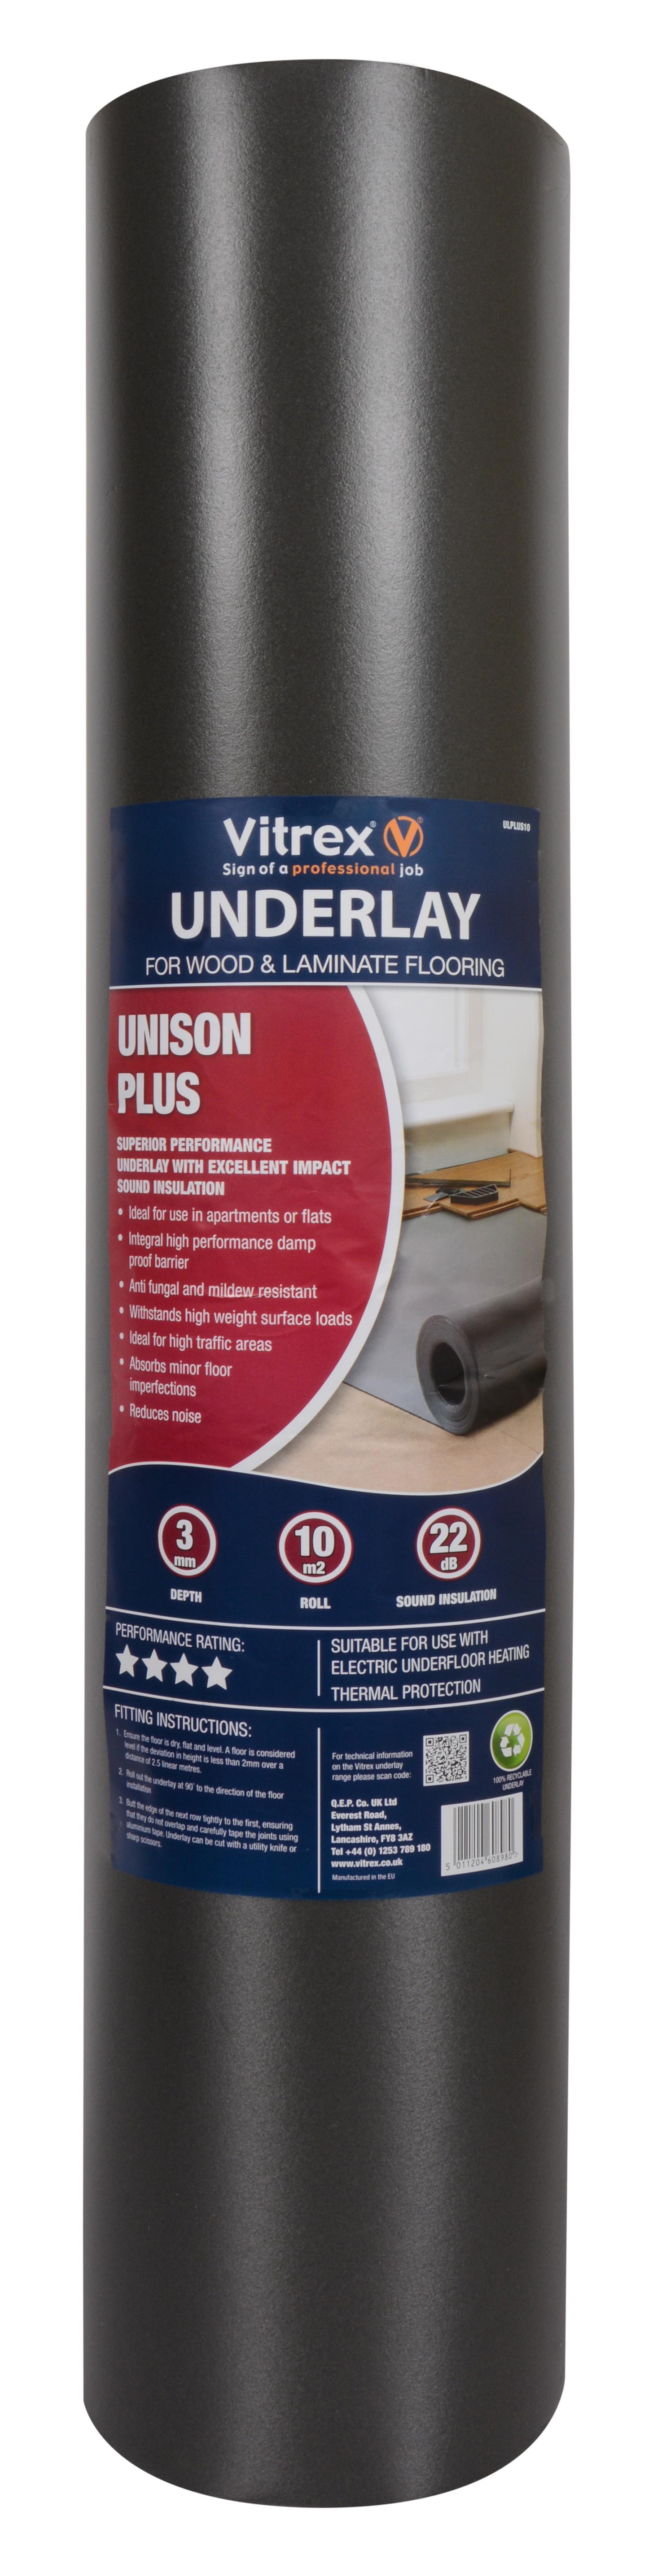 Unison Plus Underlay